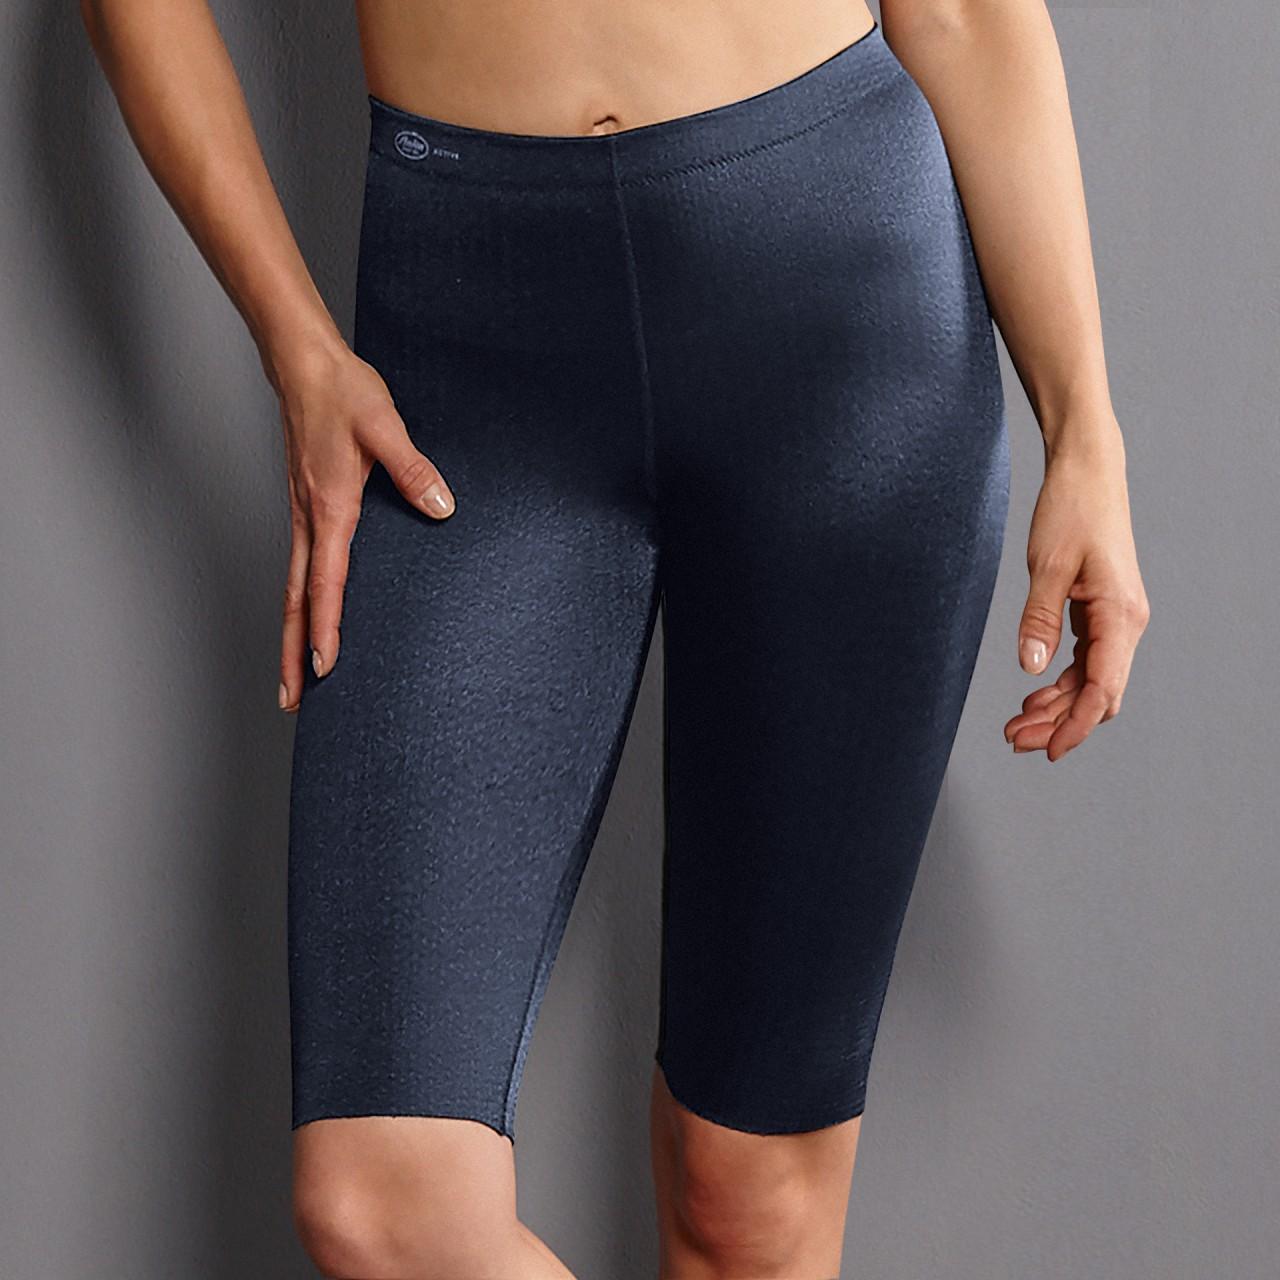 sport tights massage 1691